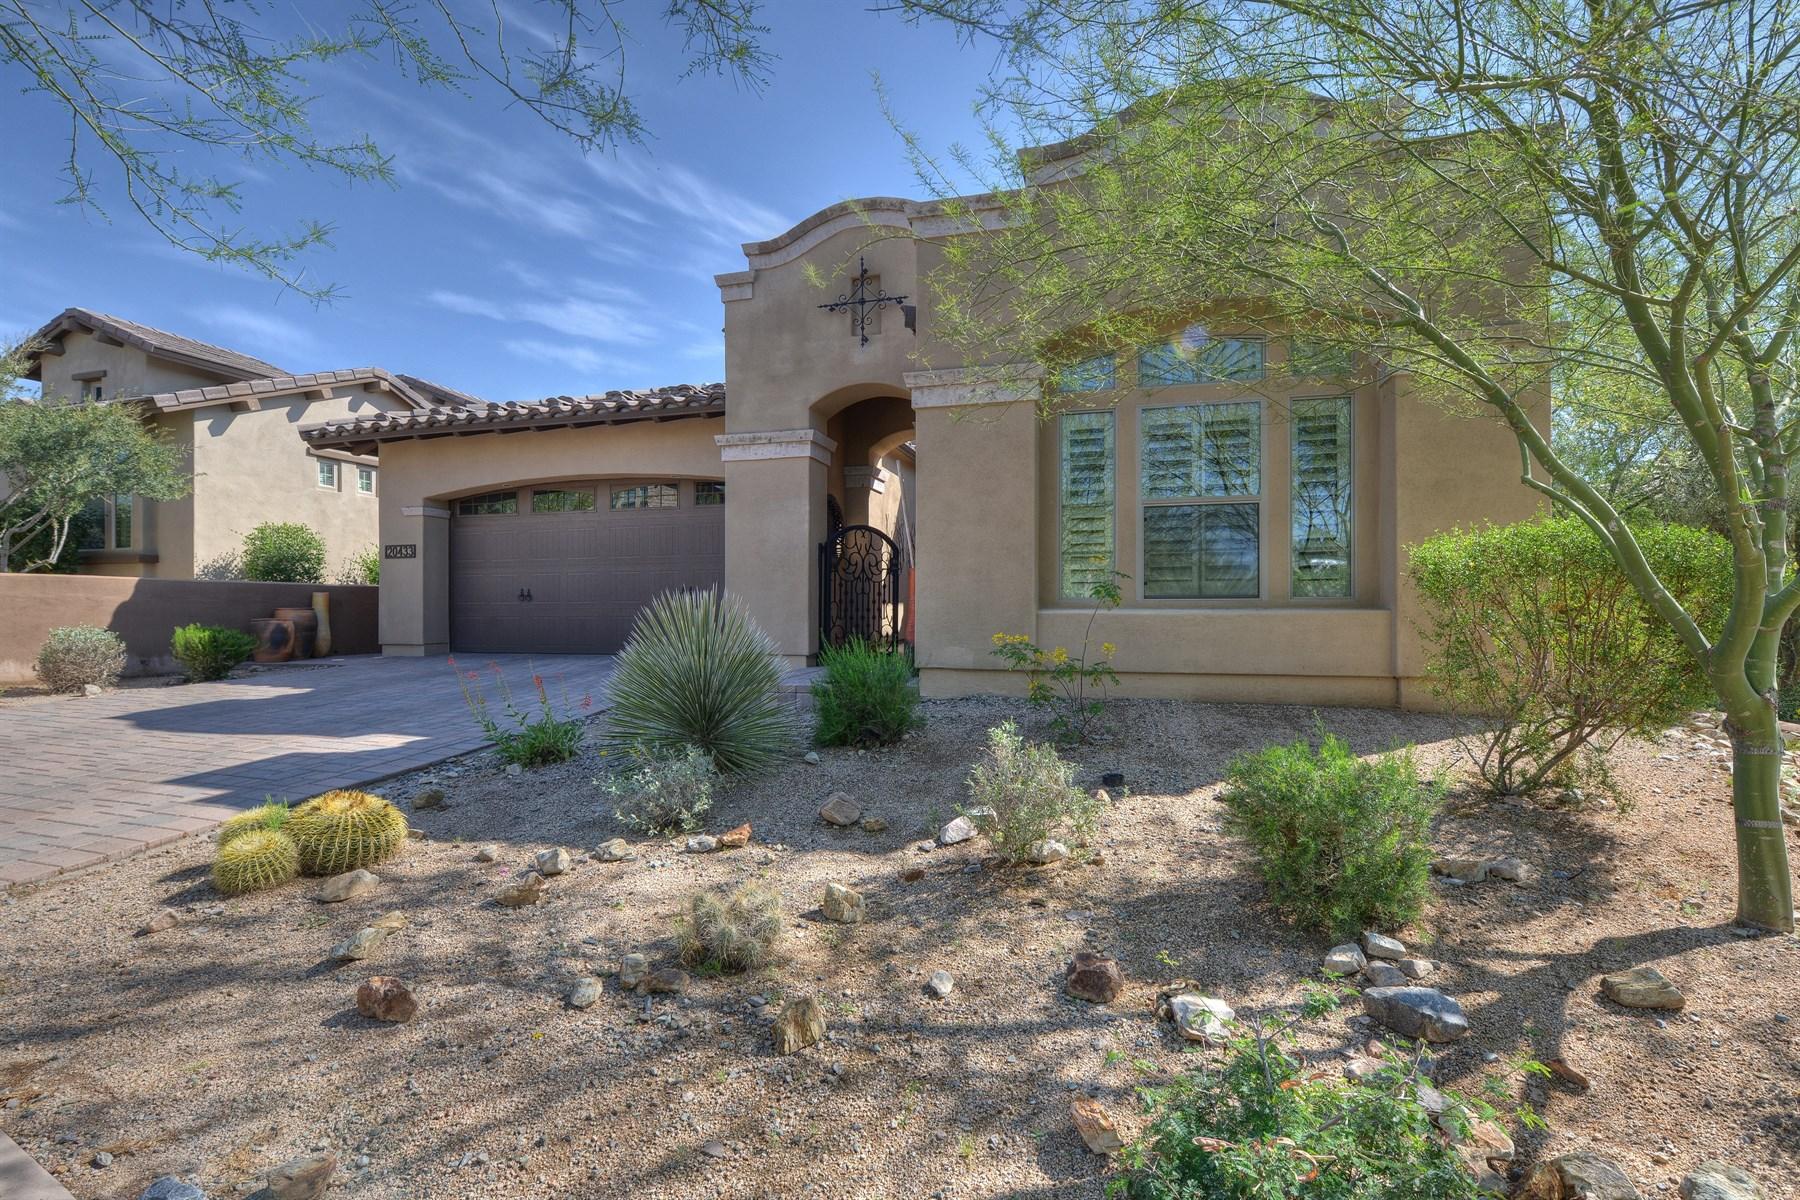 独户住宅 为 销售 在 Luxury Living In The Gated Enclave Of Rosewood In DC Ranch 20433 N 98th Street Scottsdale, 亚利桑那州 85255 美国